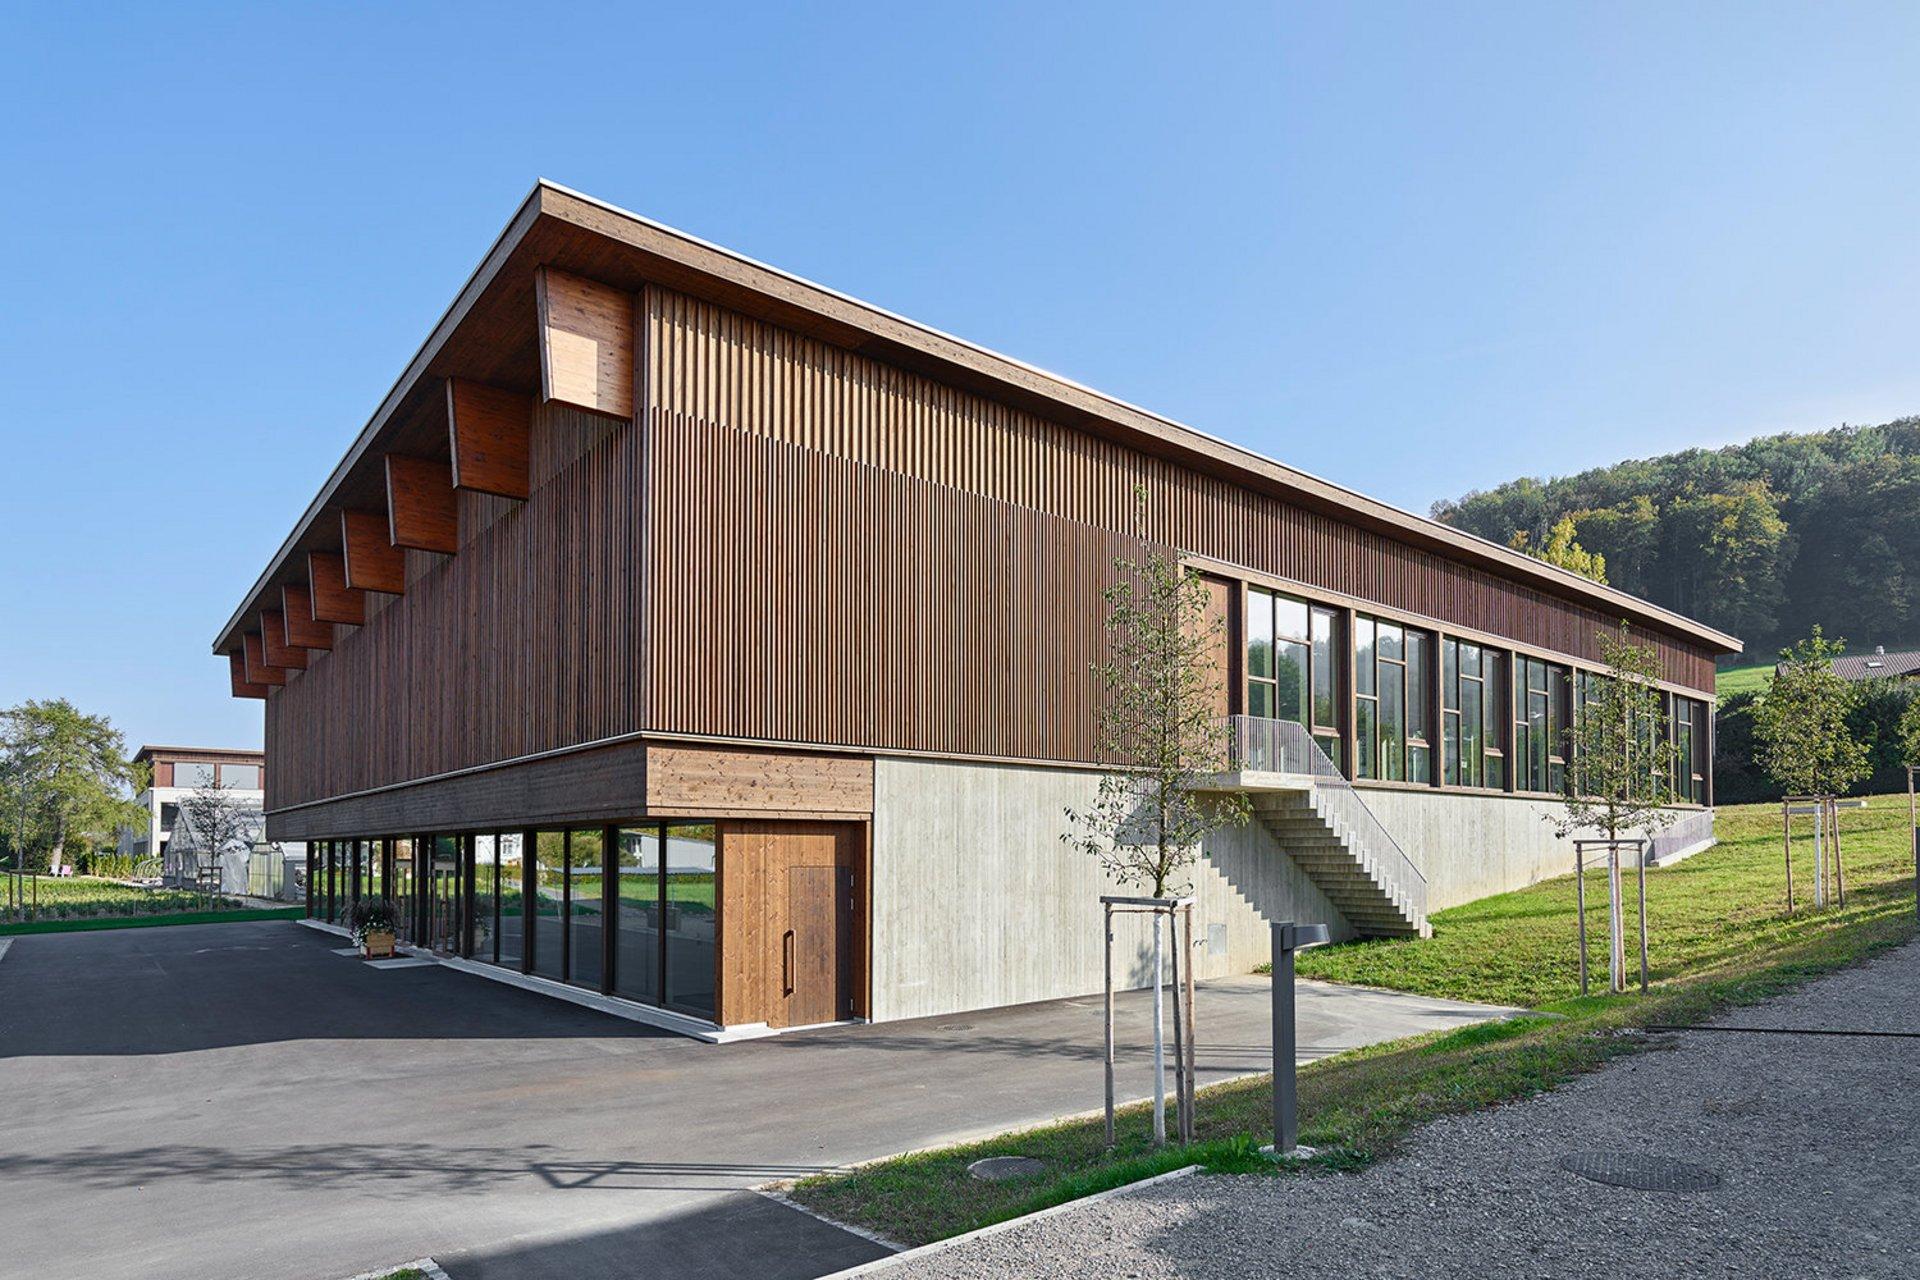 Doppelturnhalle in Elementbauweise im Minergie-Eco Standard mit einer hinterlüfteten Fassade aus druckimprägnierter Weisstannenschalung